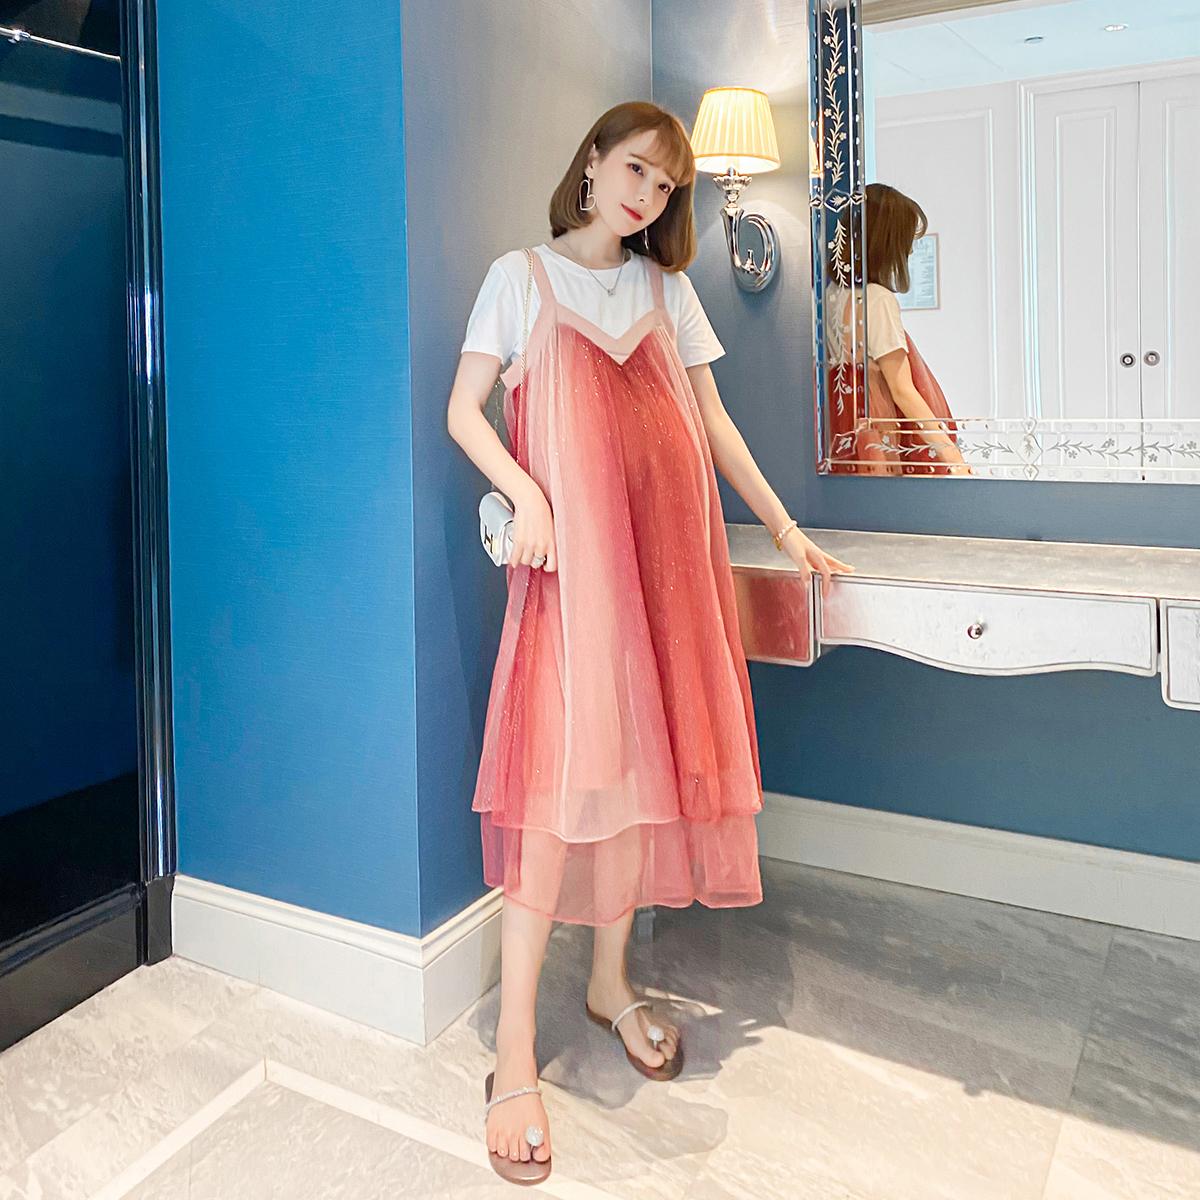 婕米家孕妇装夏装网红洋气潮妈亮晶晶网纱夏天连衣裙子套装两件套